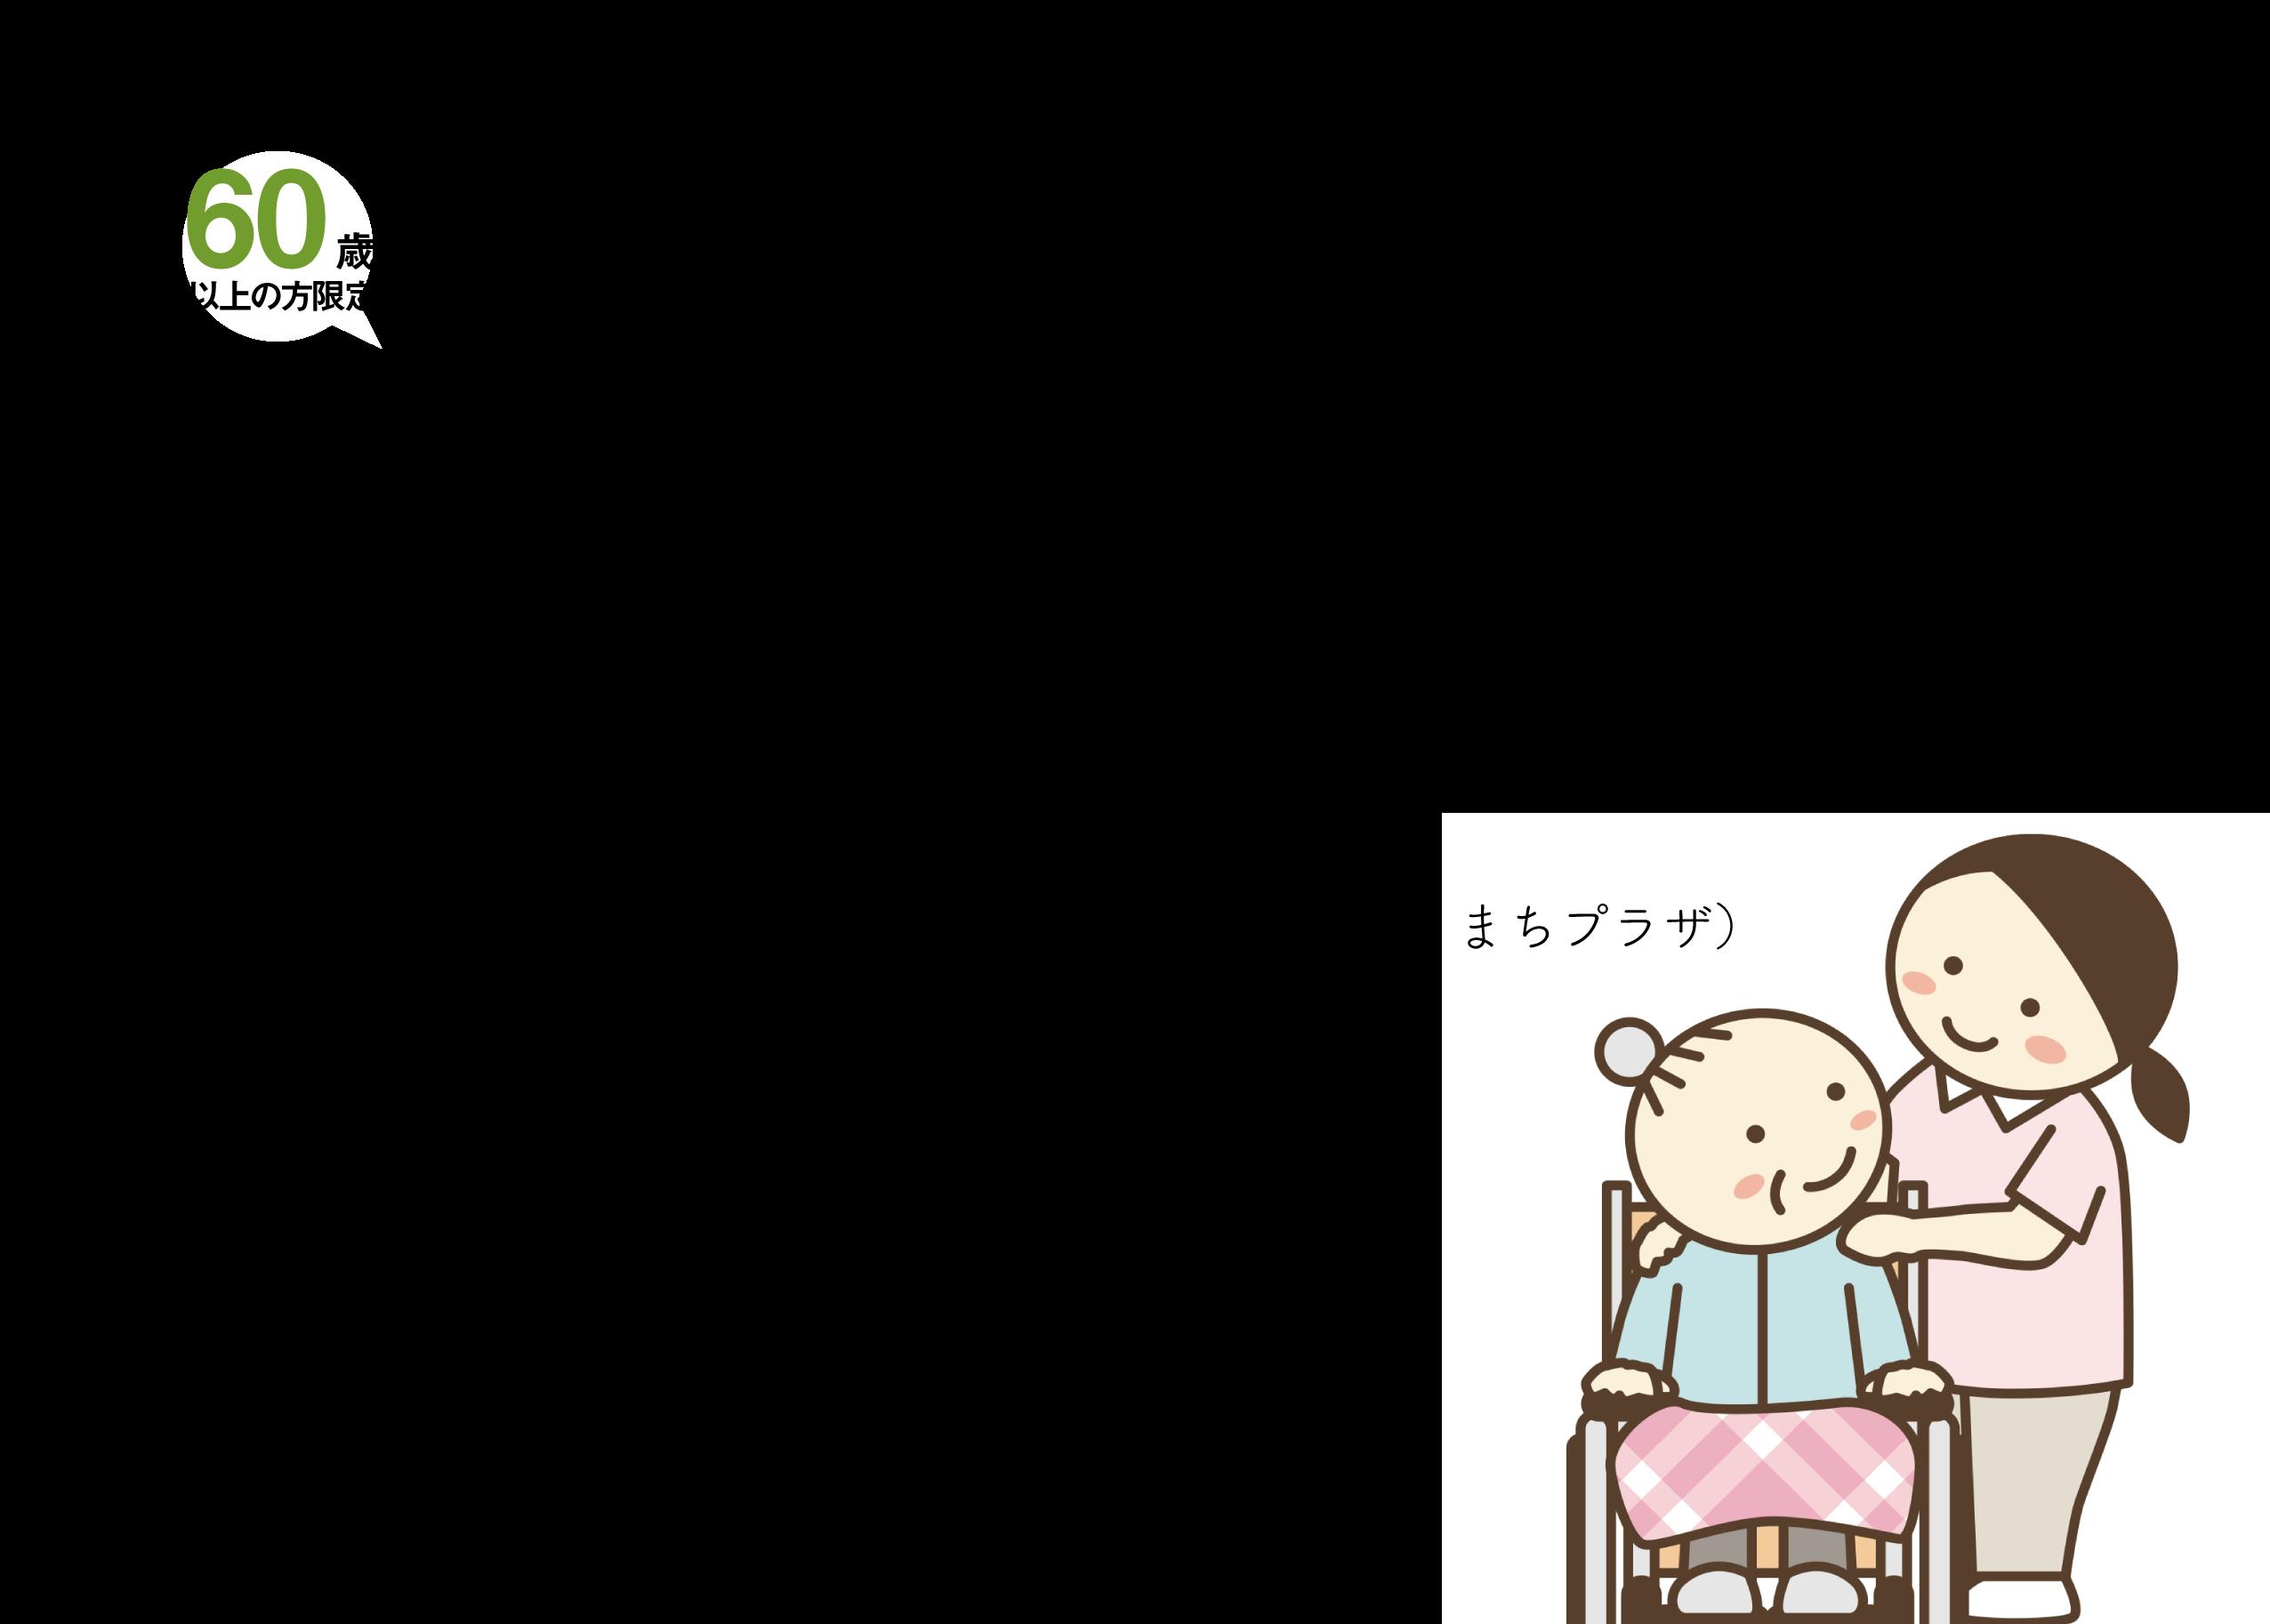 2010.6-総合事業訪問型サービス(茅野)-03.png